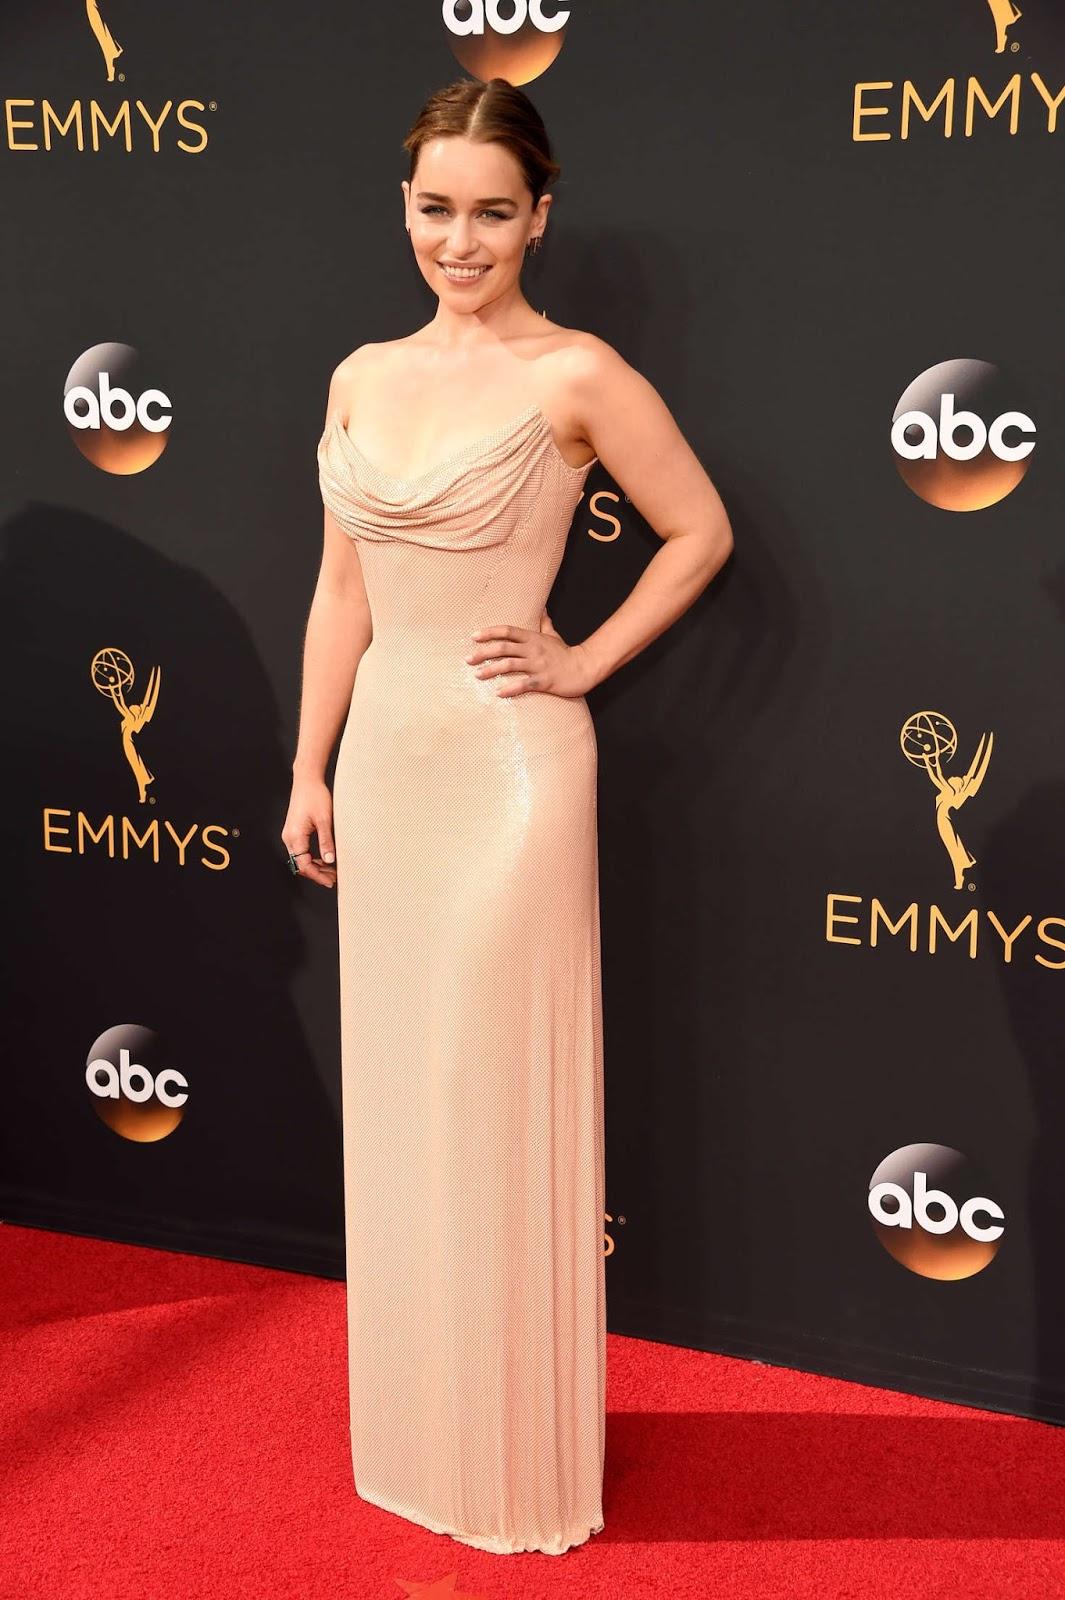 Emilia Clarke at The Emmy Awards 2016